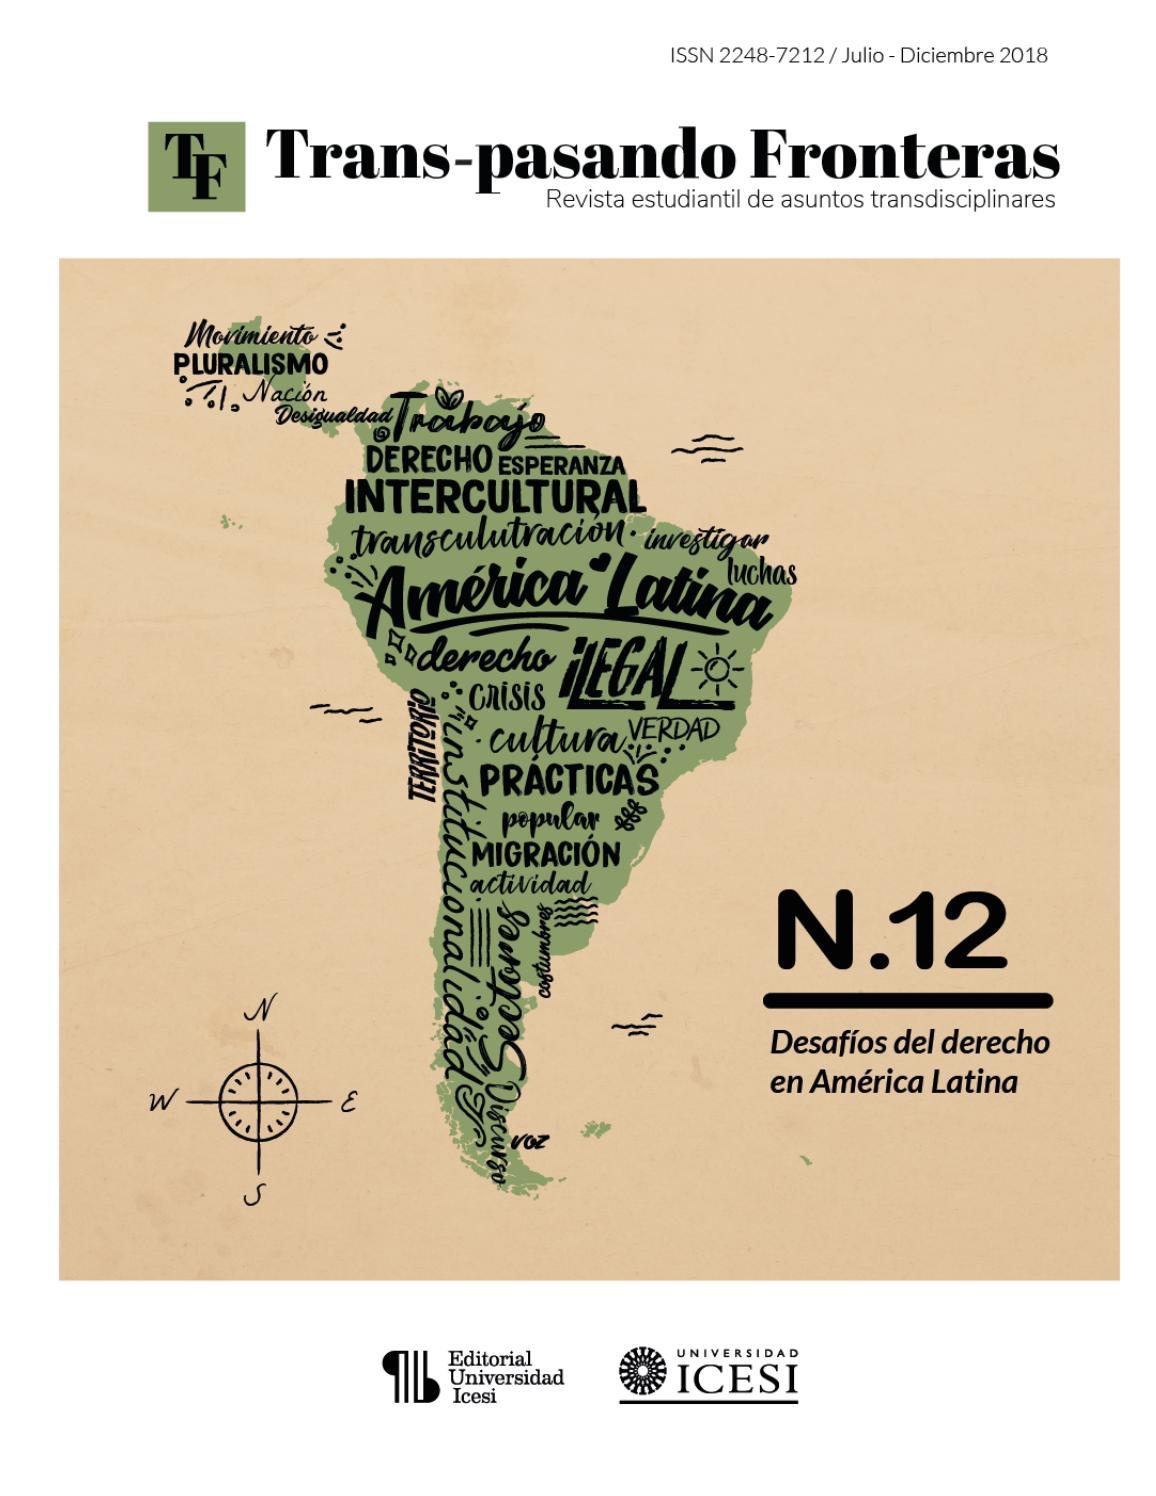 Desafíos del derecho en Amérca Latina by Trans-pasando